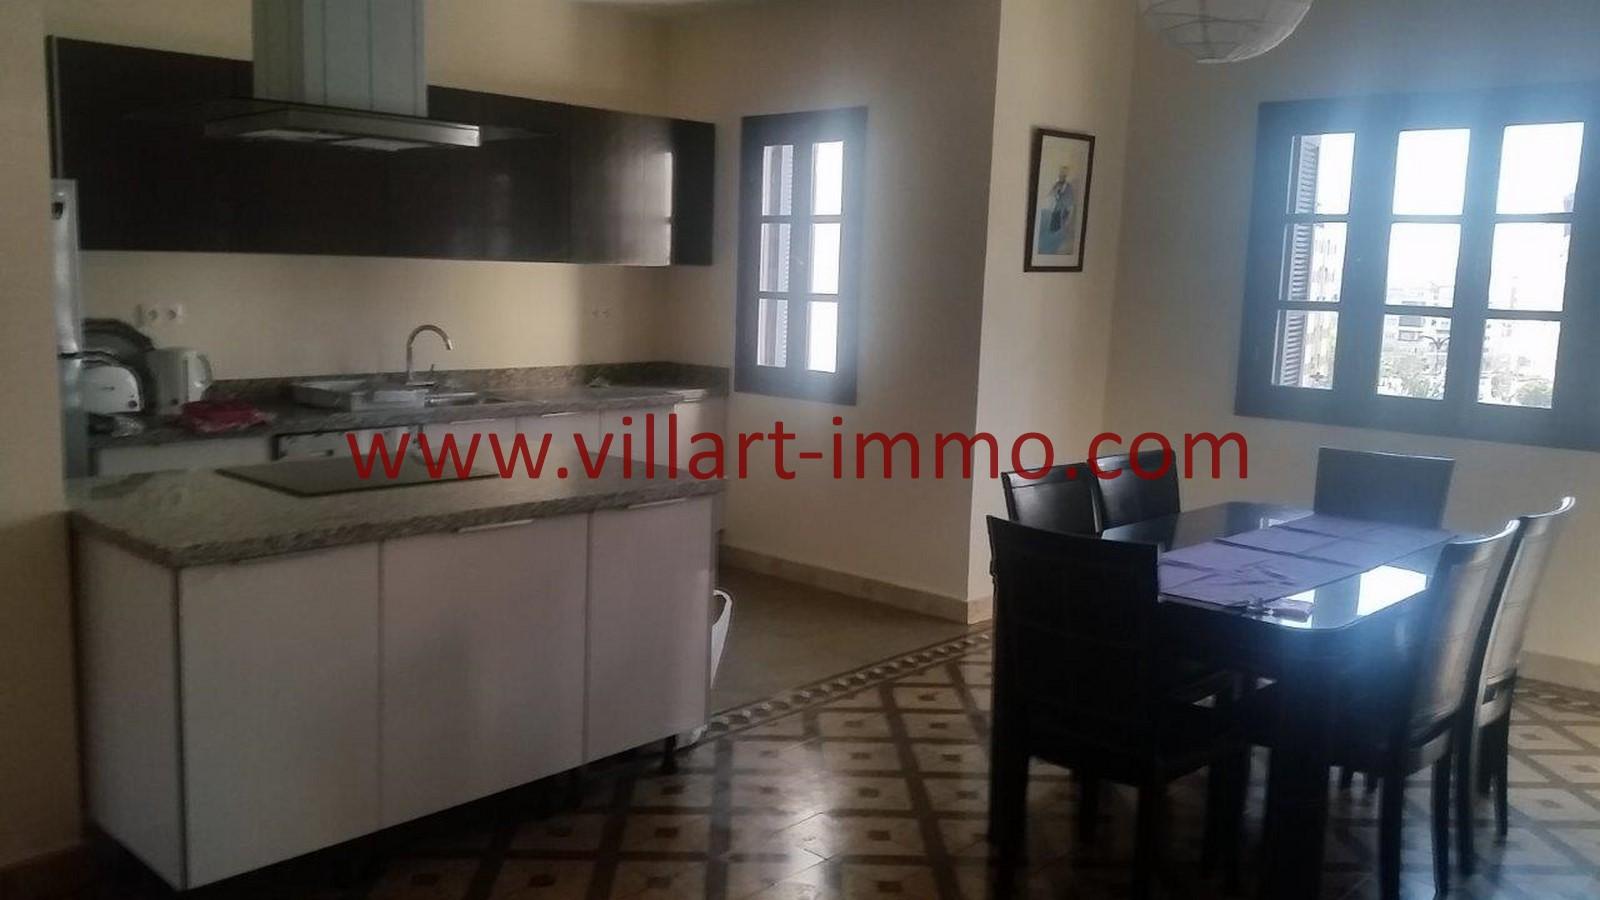 3-location-appartement-meuble-centre-ville-tanger-cuisine-l966-villart-immo